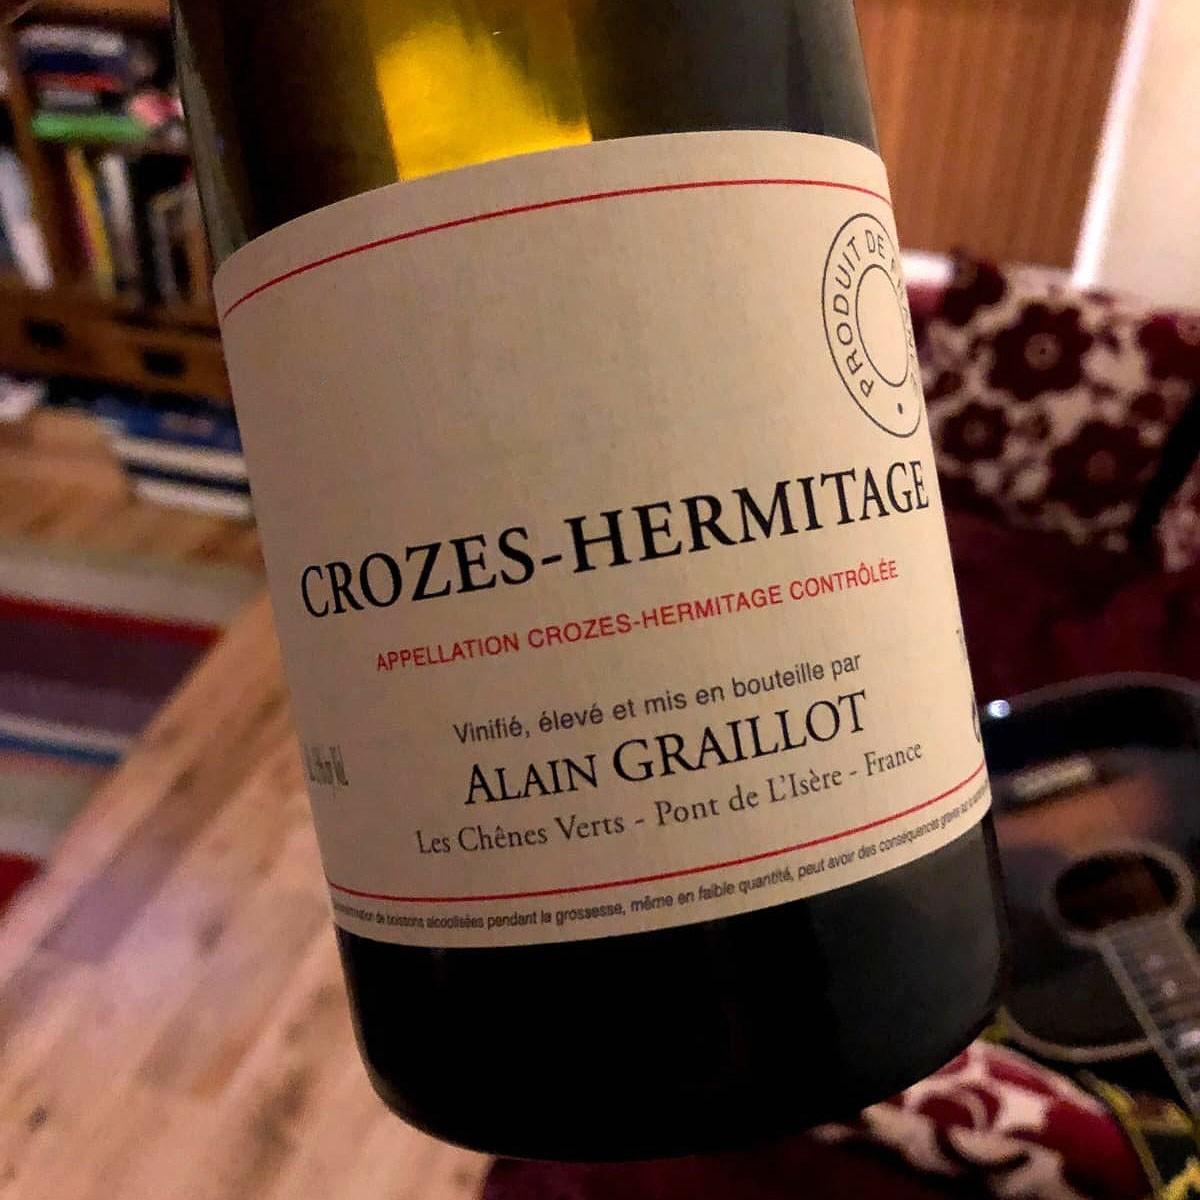 Crozes Hermitage Blanc: Alain Graillot 2018 - Lifestyle